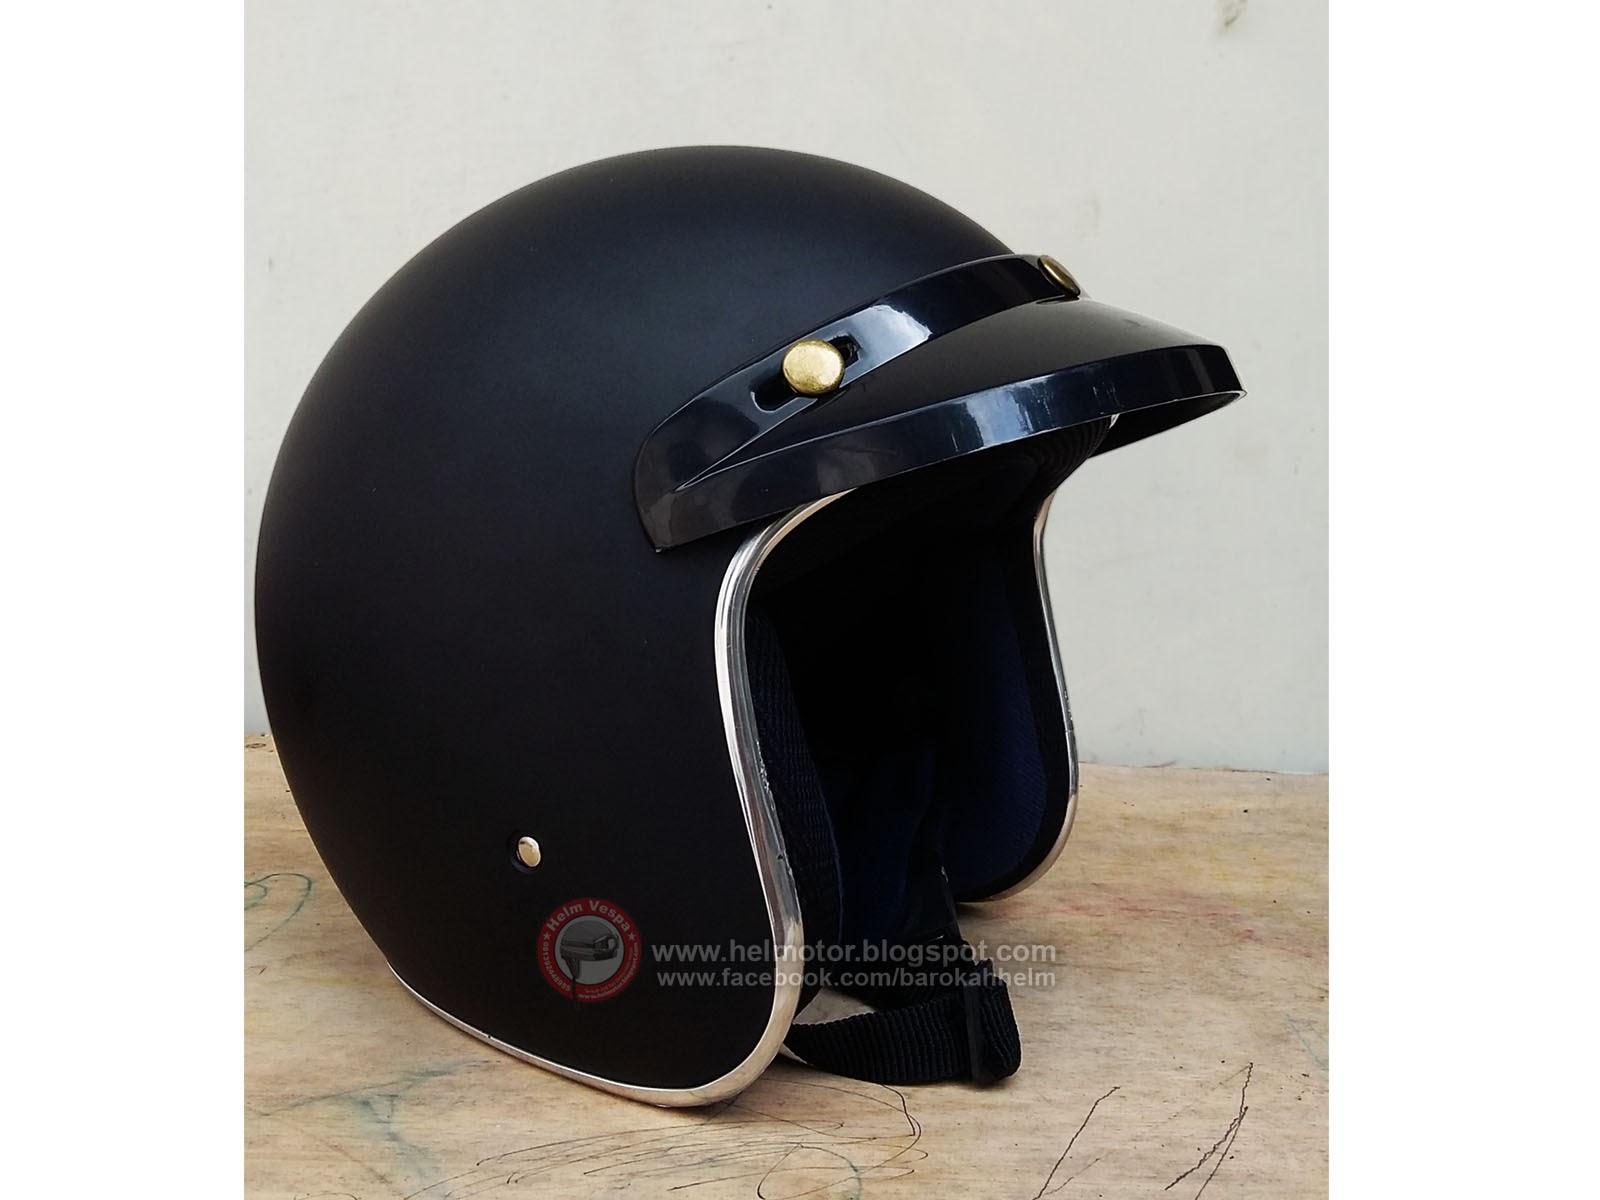 helm retro blackdoff pet helm vespa. Black Bedroom Furniture Sets. Home Design Ideas